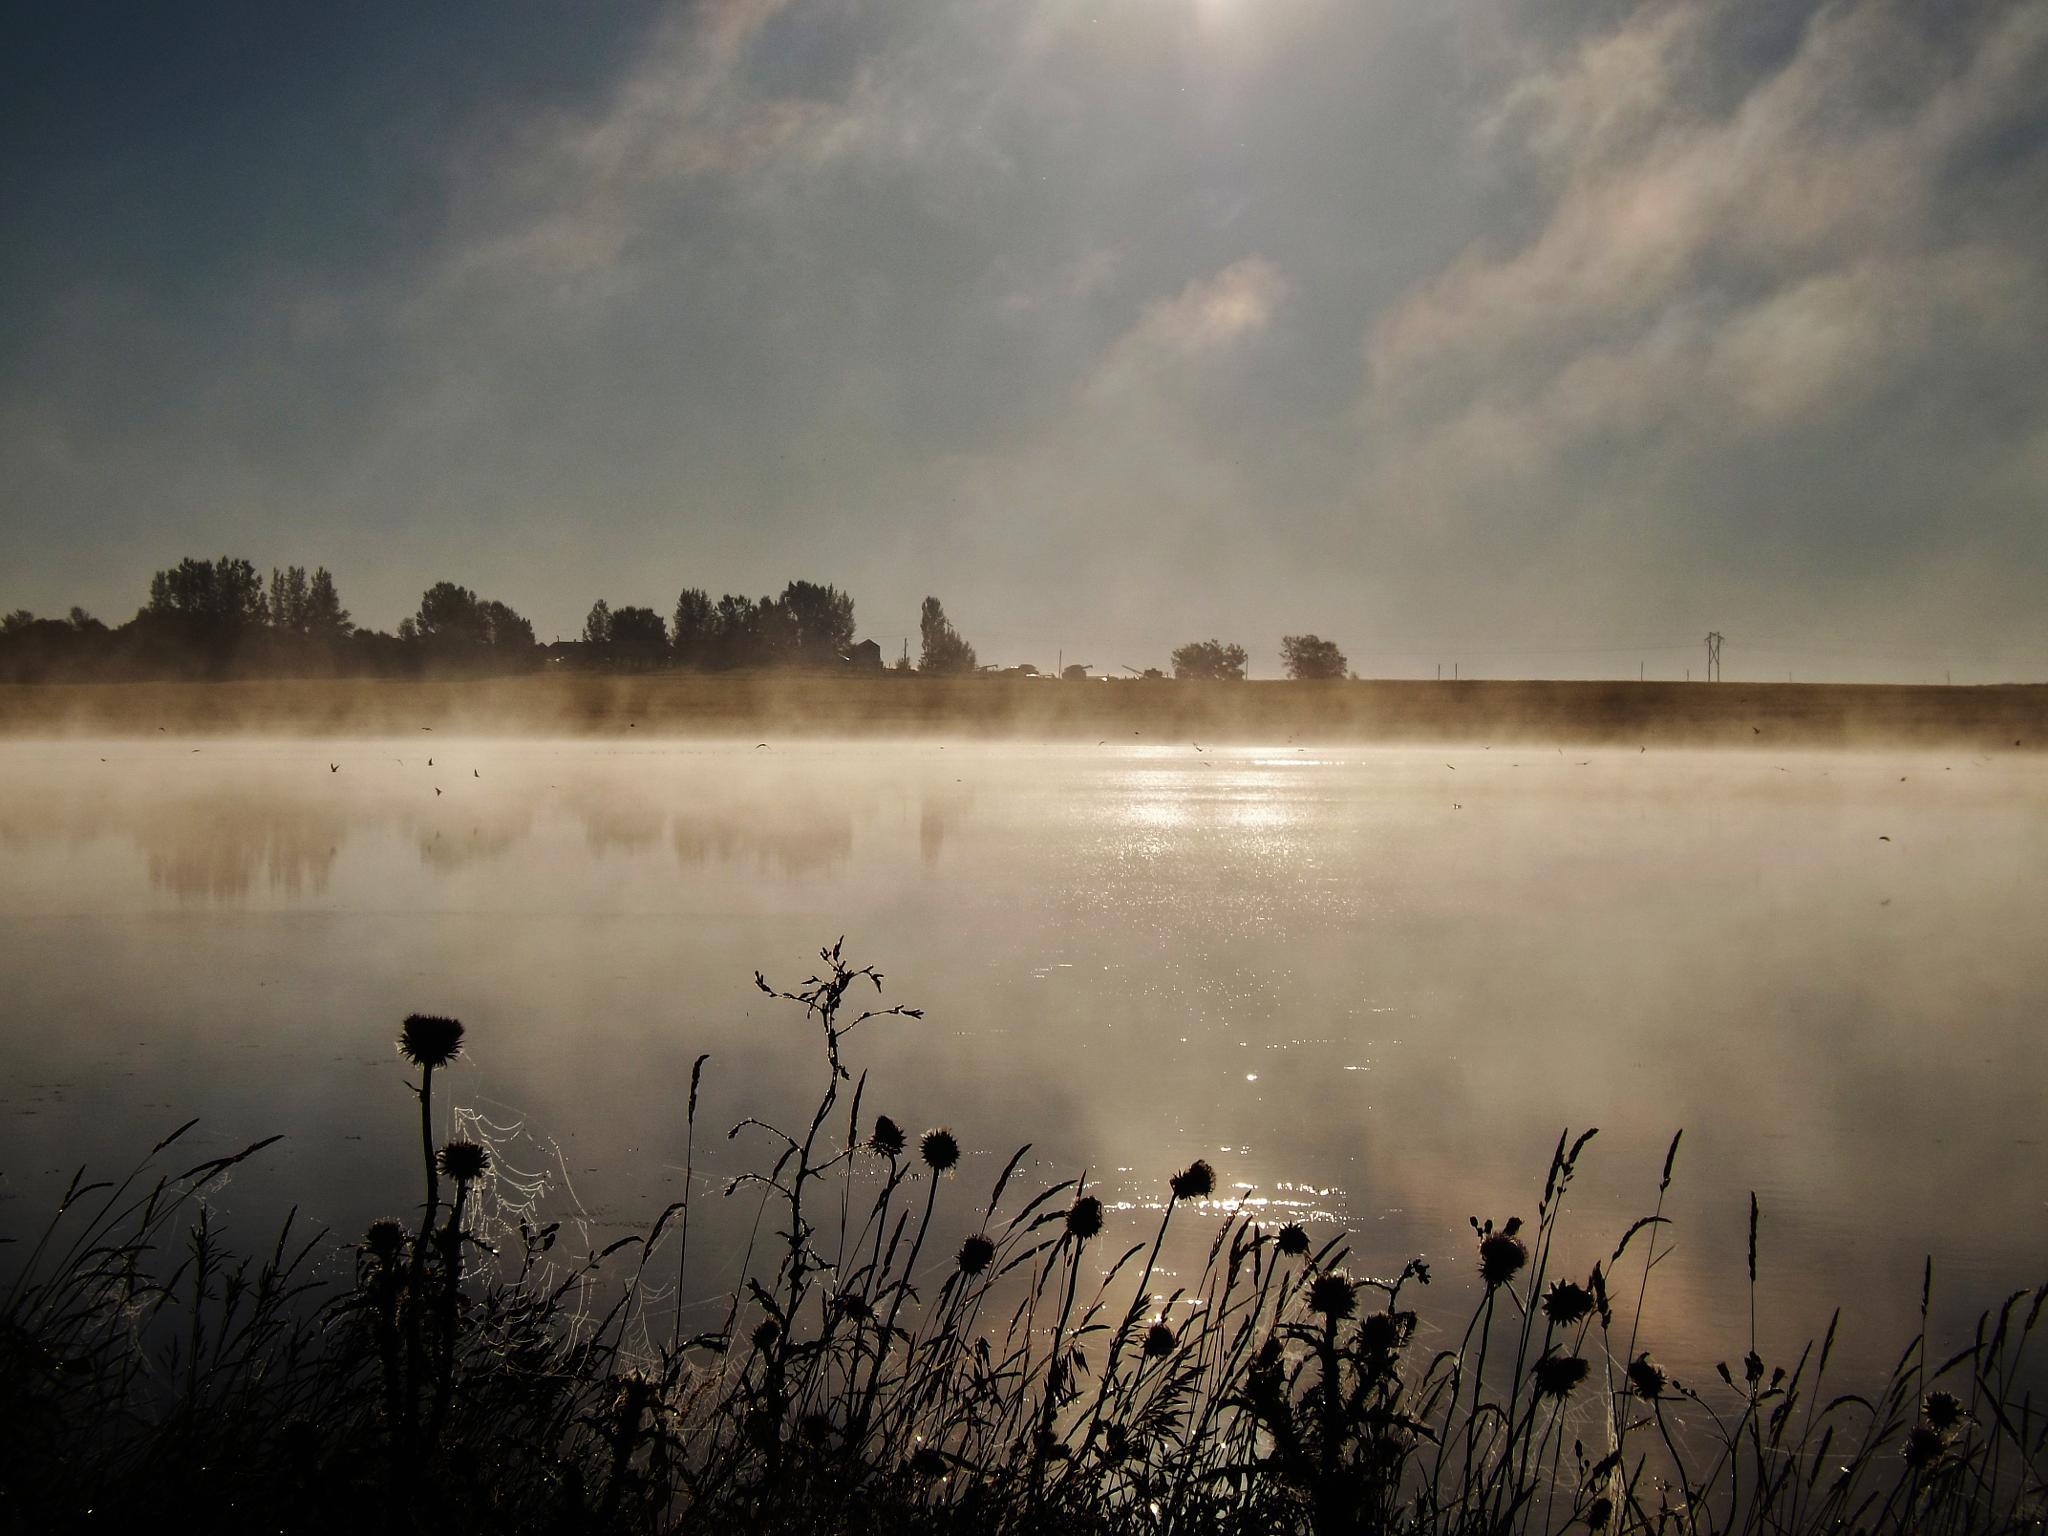 misty days what my third eye saw by Rhyland Cottingham